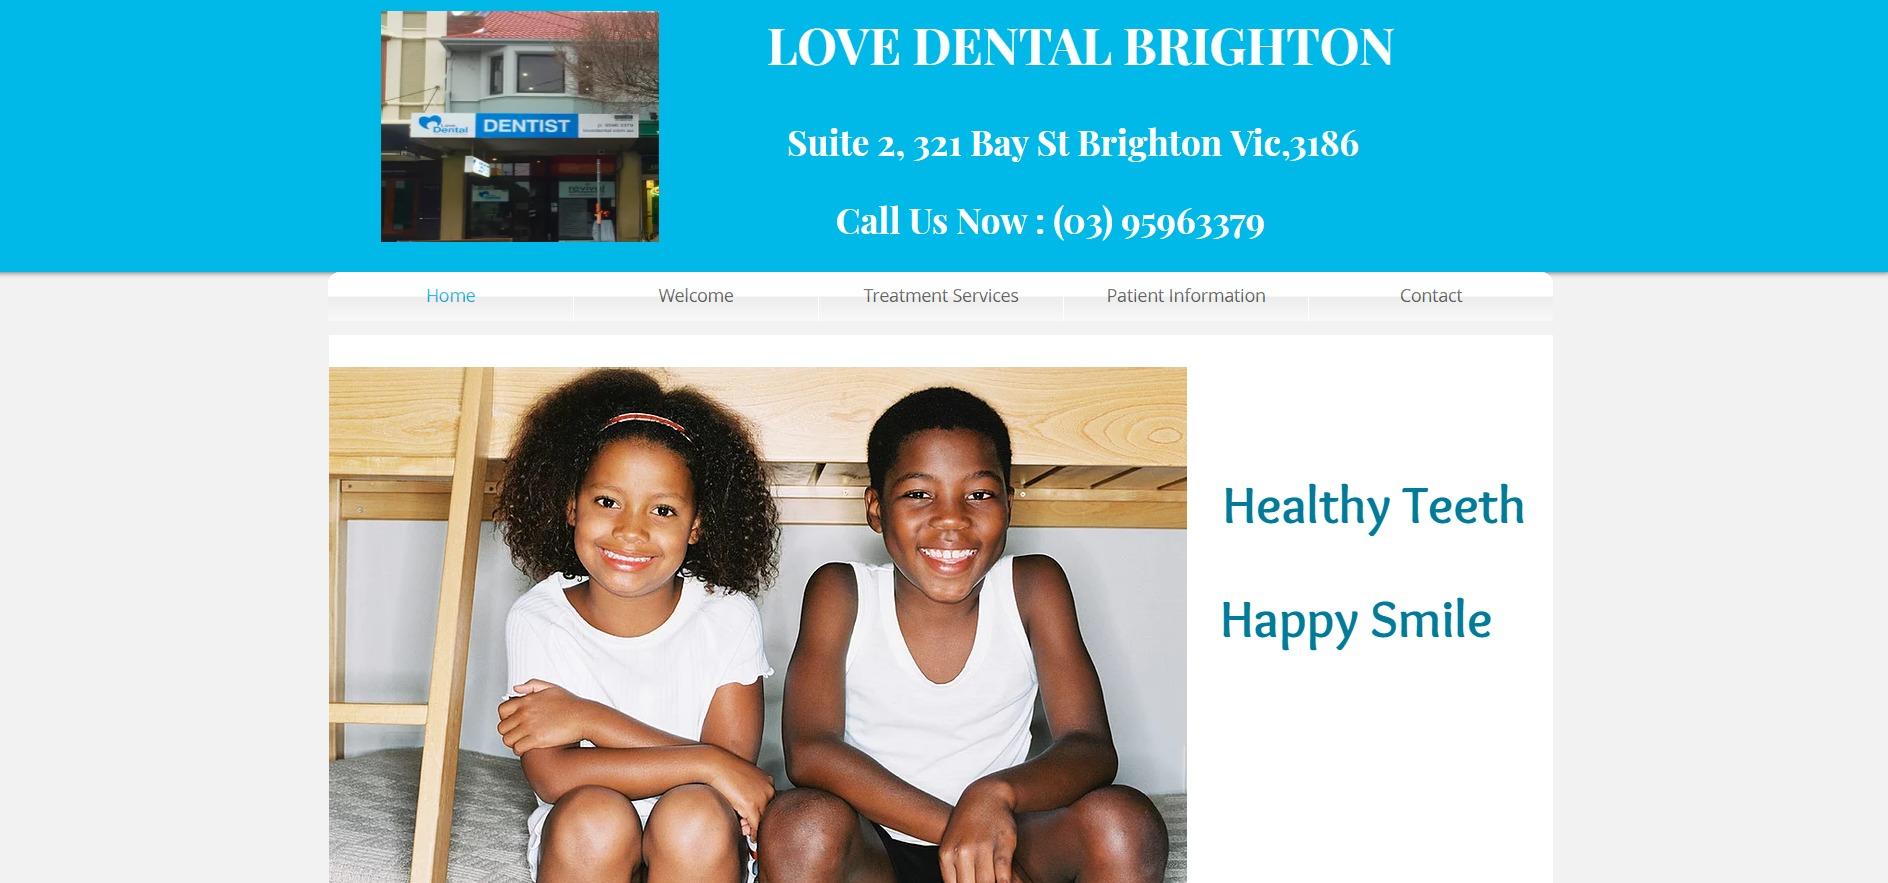 Love Dental